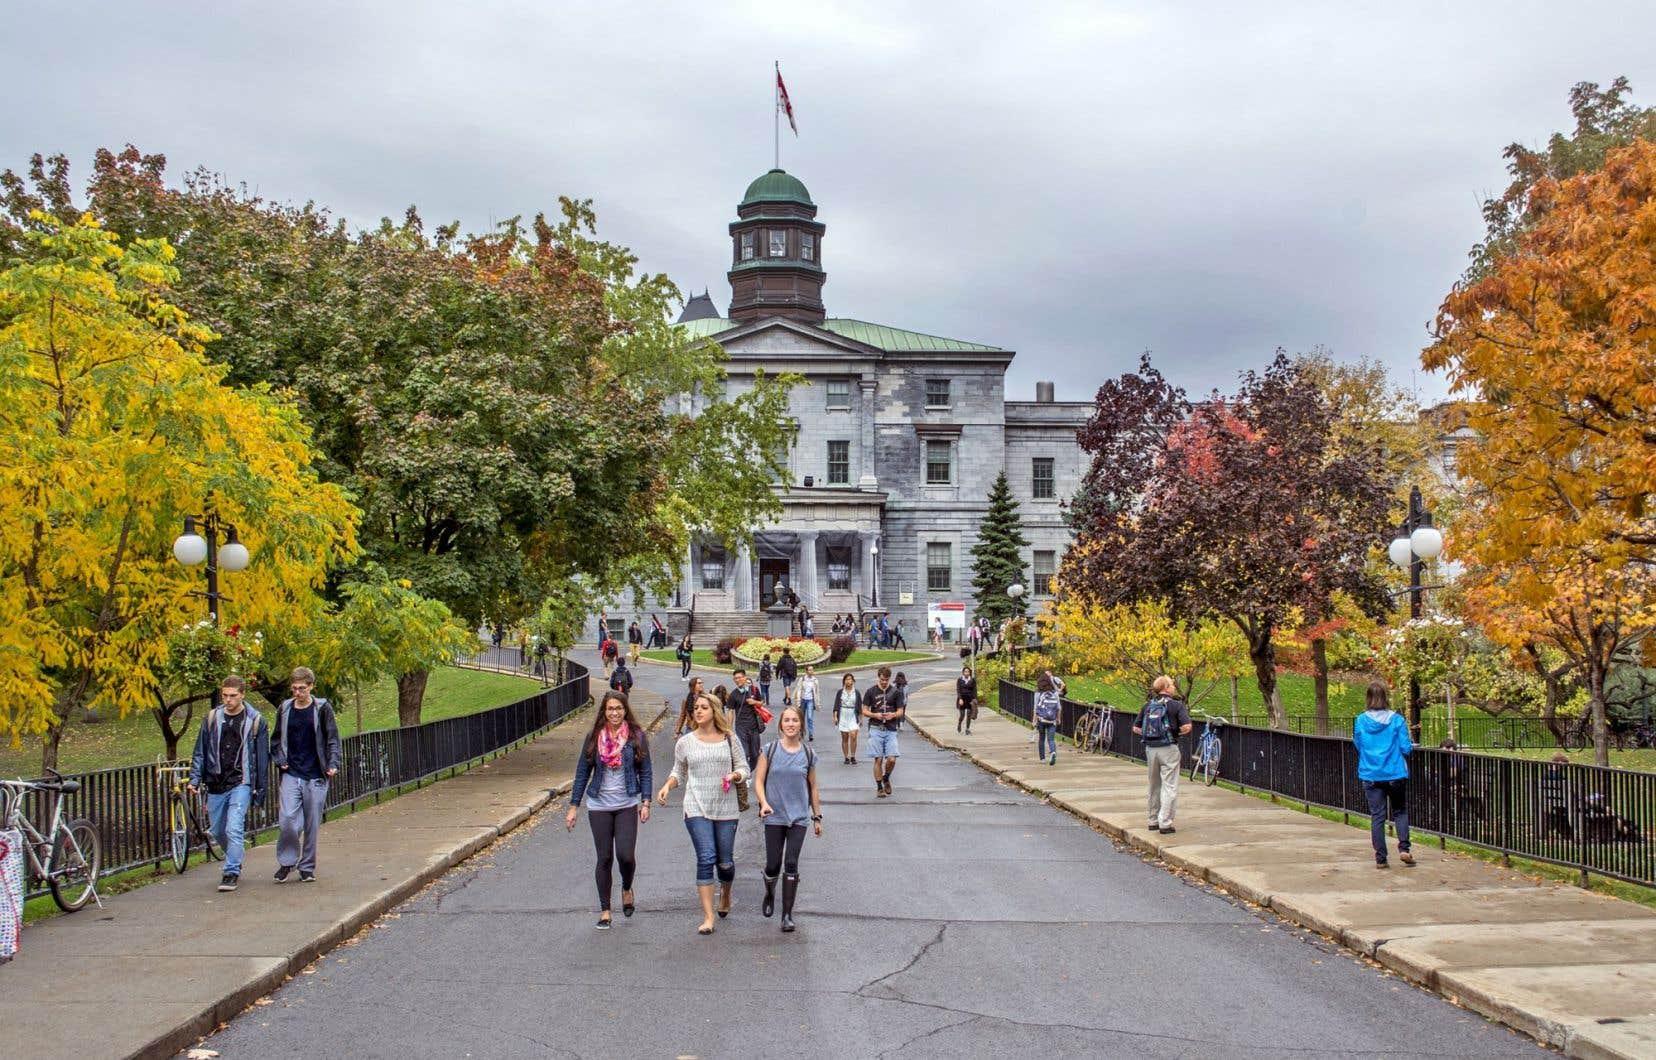 L'Université McGill, le seul établissement québécois dans le Classement académique des universités mondiales, arrive en 63eplace sur la liste.